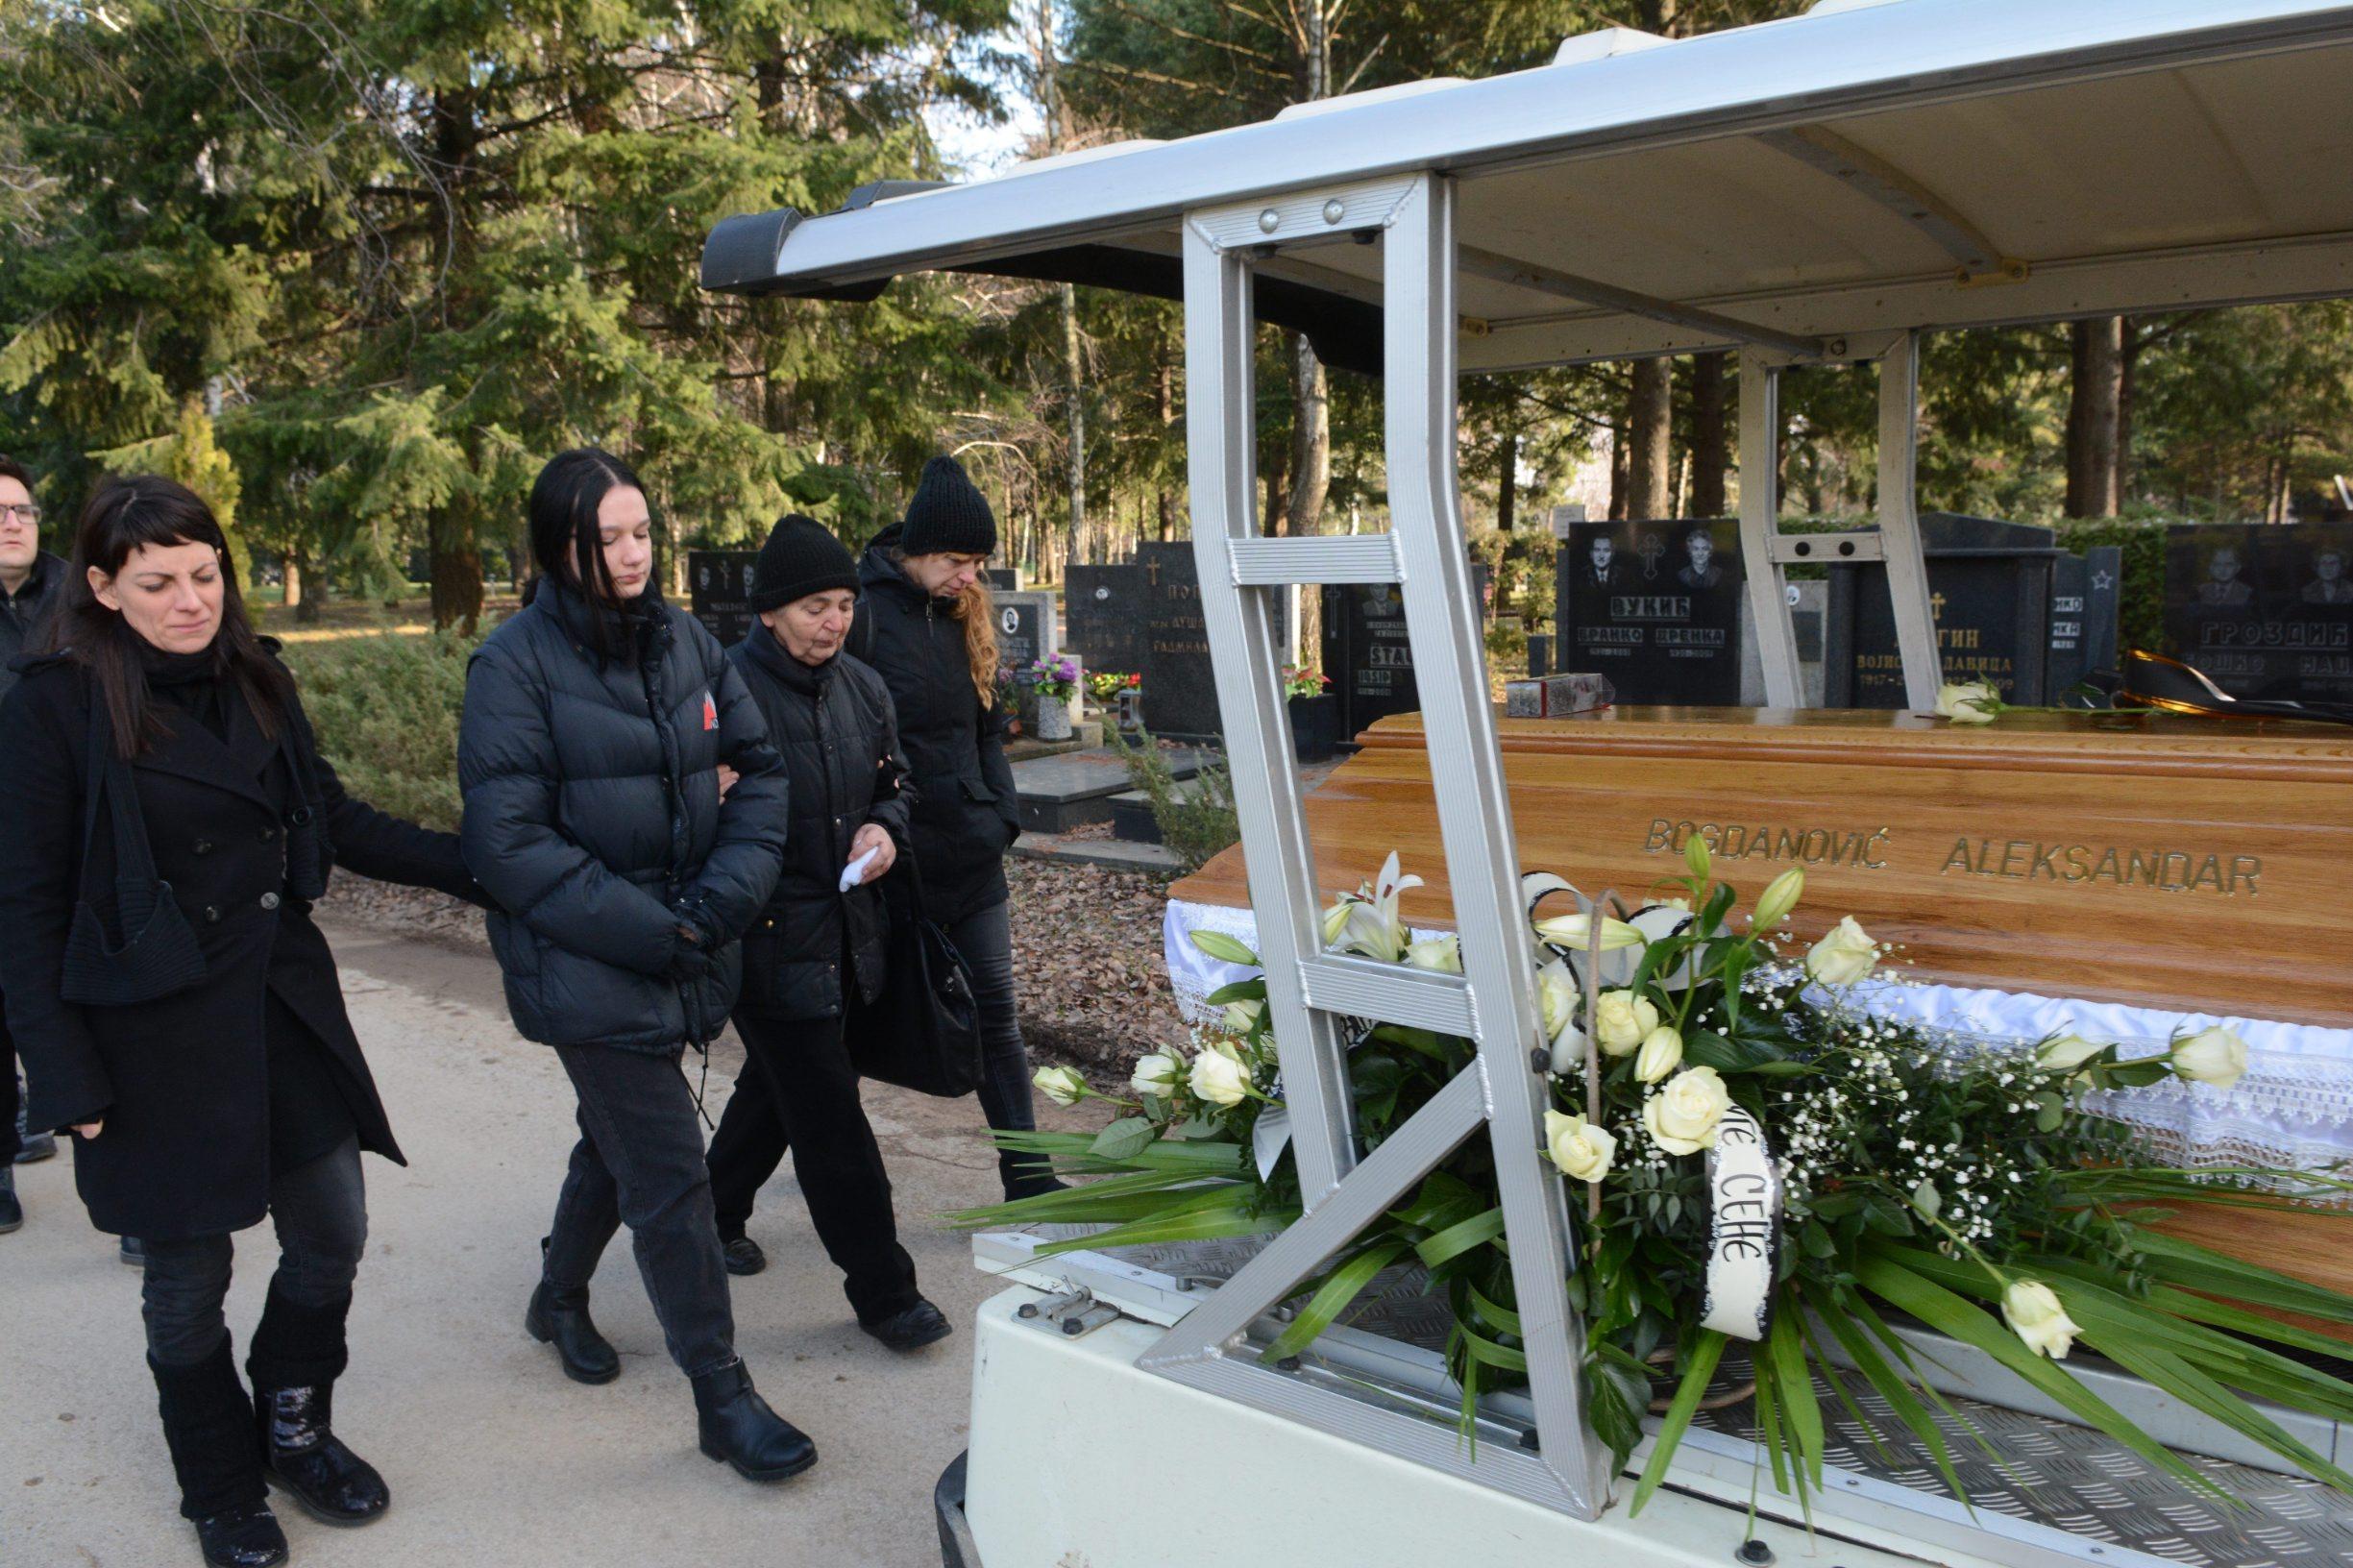 Novi Sad, 301219. Novo groblje. Pogreb tragicno preminulog osjeckog glumca Aleksandra Bogdanovica. Foto: Dragutin Savic / CROPIX